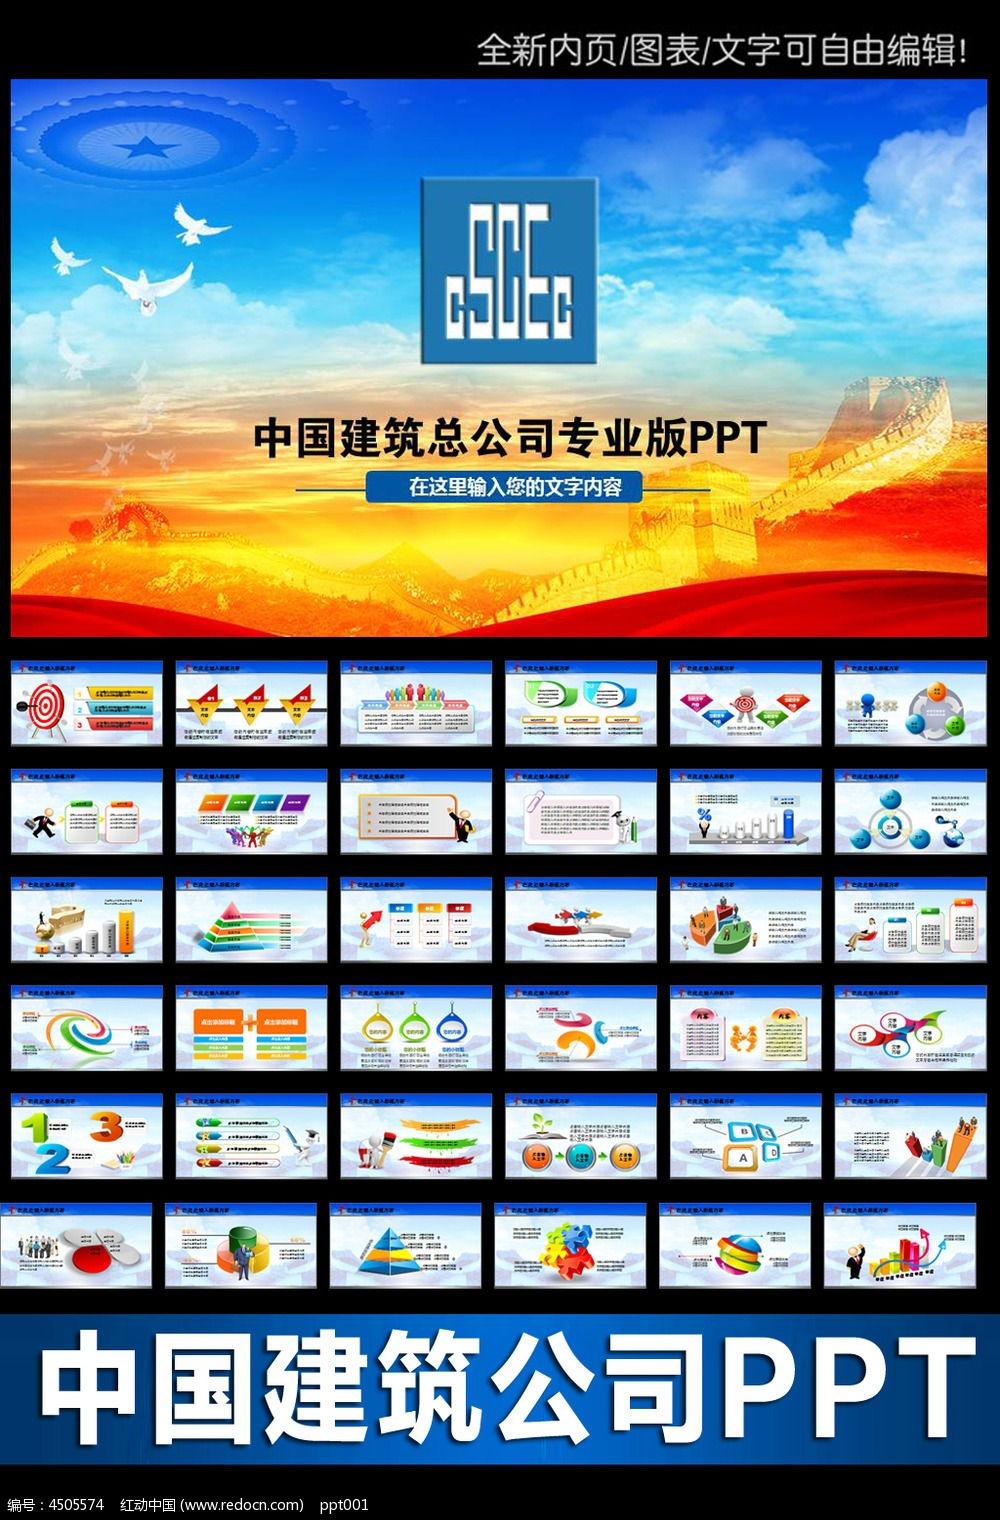 中国建筑工程总公司ppt模板